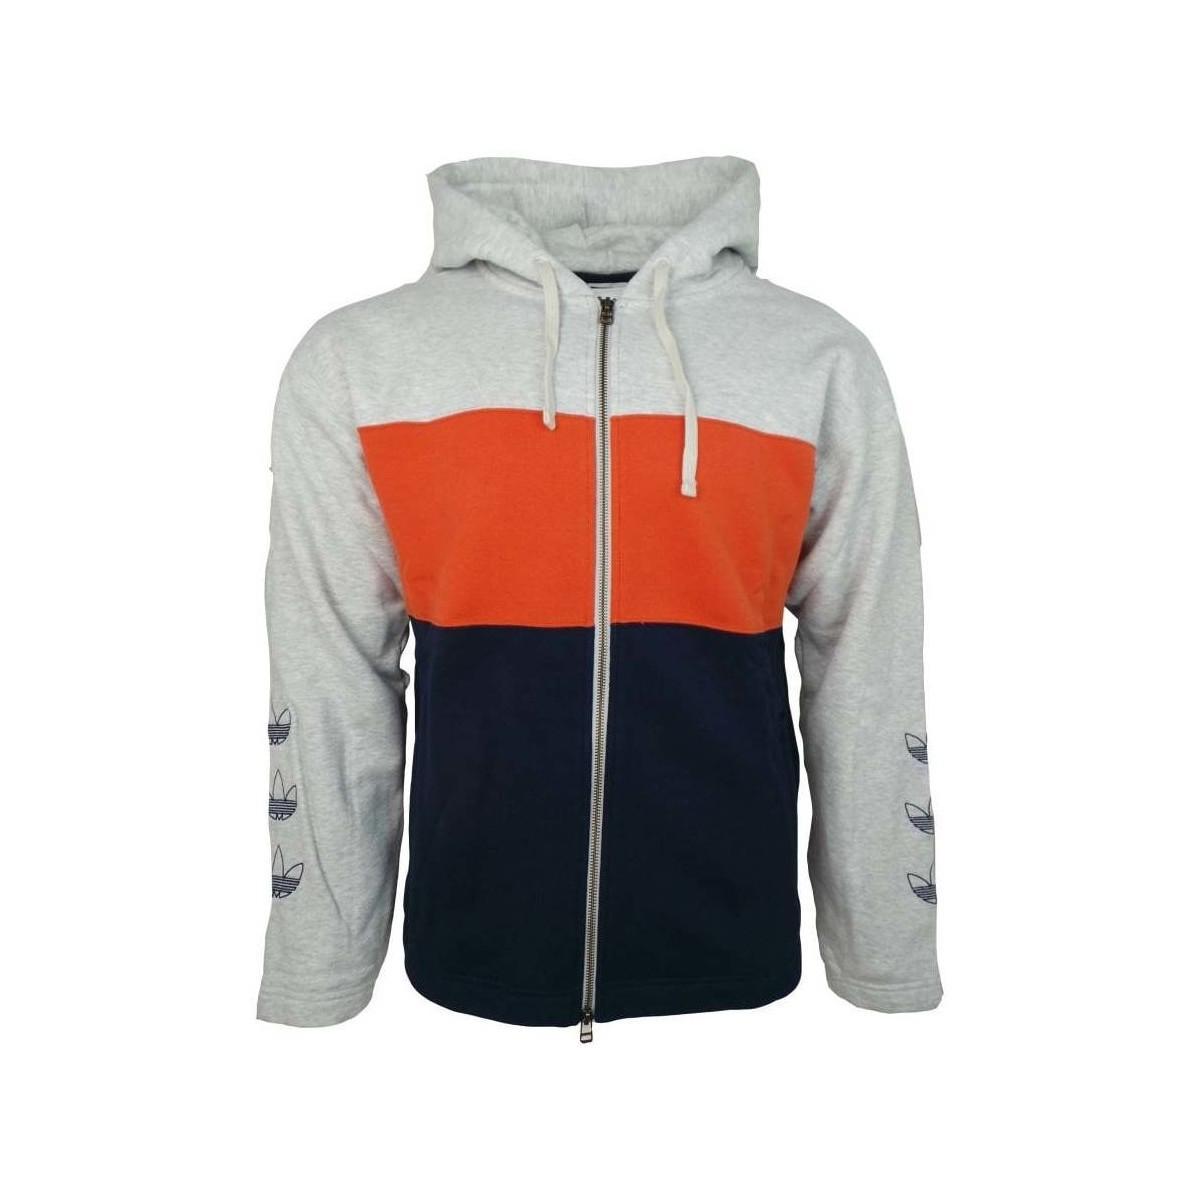 Adidas Full Zip Hoody Men's Sweatshirt In Grey in Gray for